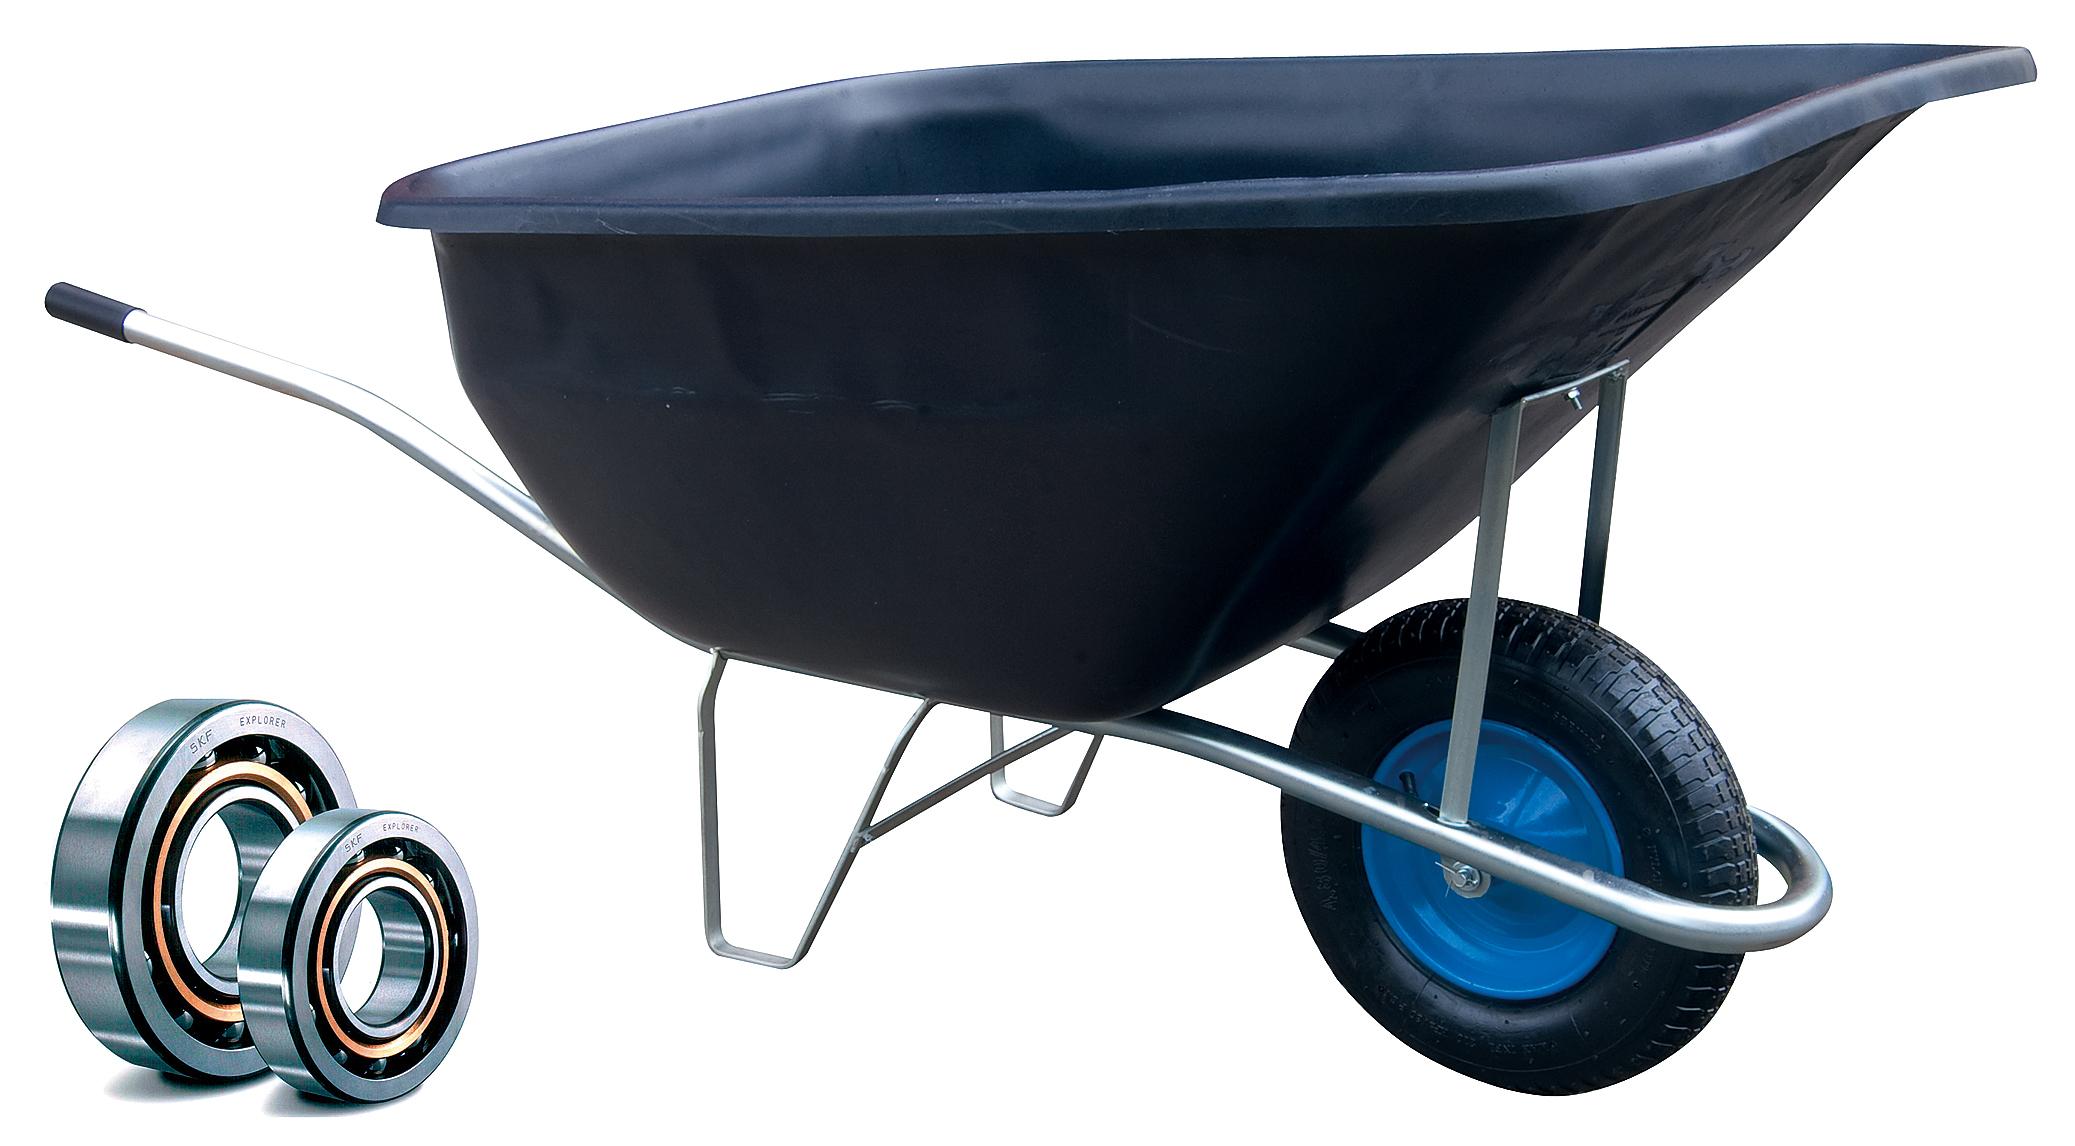 HTI Zahradní kolečko PROFI 180l s pozinkovaným rámem a nafukovací pneumatikou KULIČKOVÁ LOŽISKA KZL13